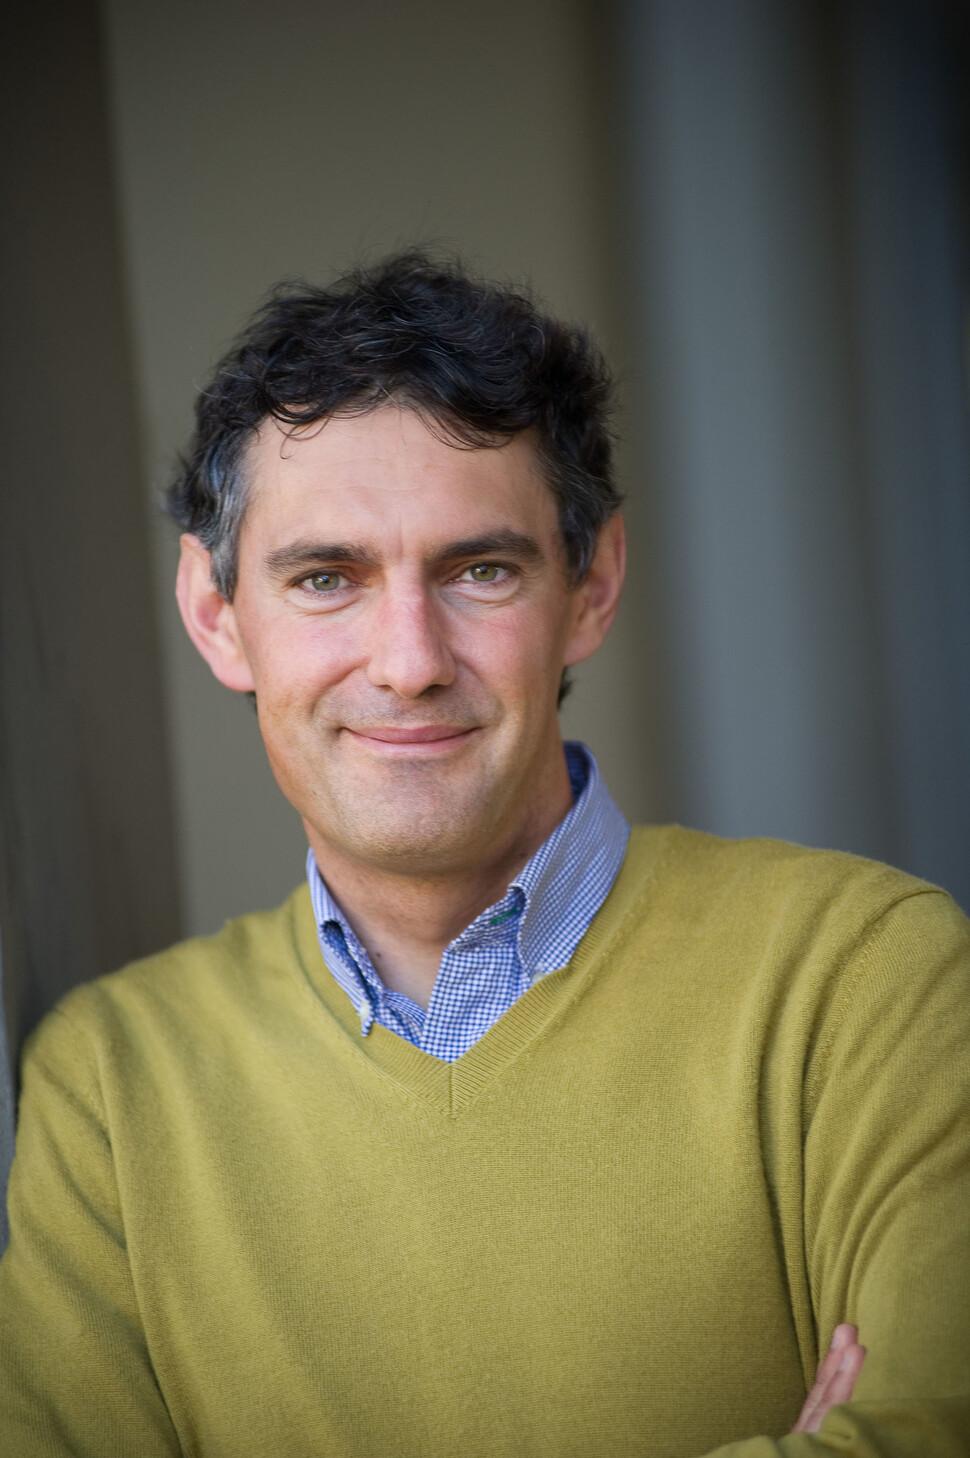 에마뉘엘 사에즈 미국 버클리 캘리포니아대 경제학과 교수. 위키미디어 코먼스